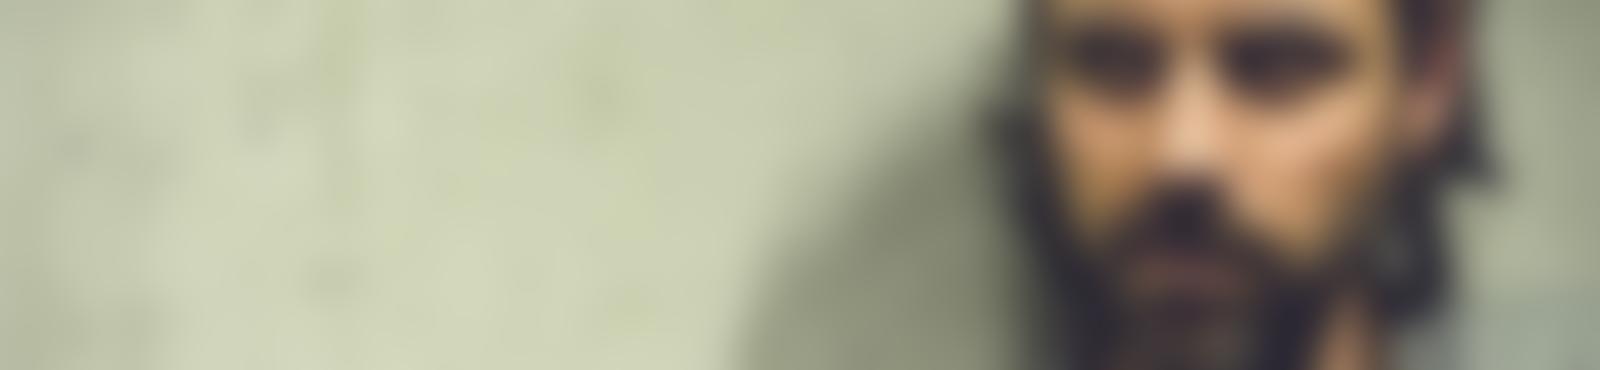 Blurred f57c2f66 92fd 4c77 9c3b caa1f5de0783